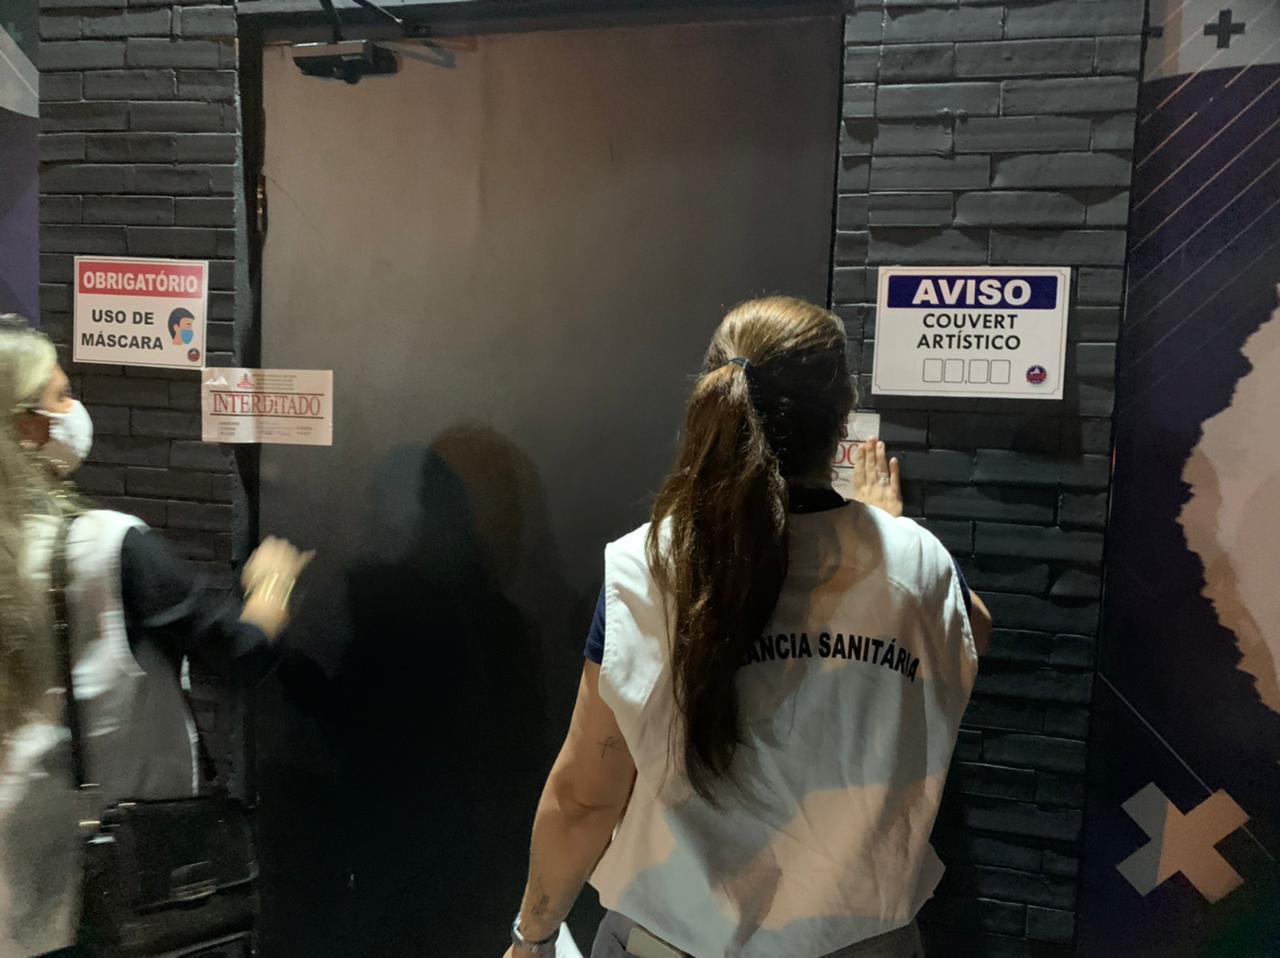 Bares são interditados por descumprimento de decreto contra Covid-19 em João  Pessoa - Patos 40 Graus